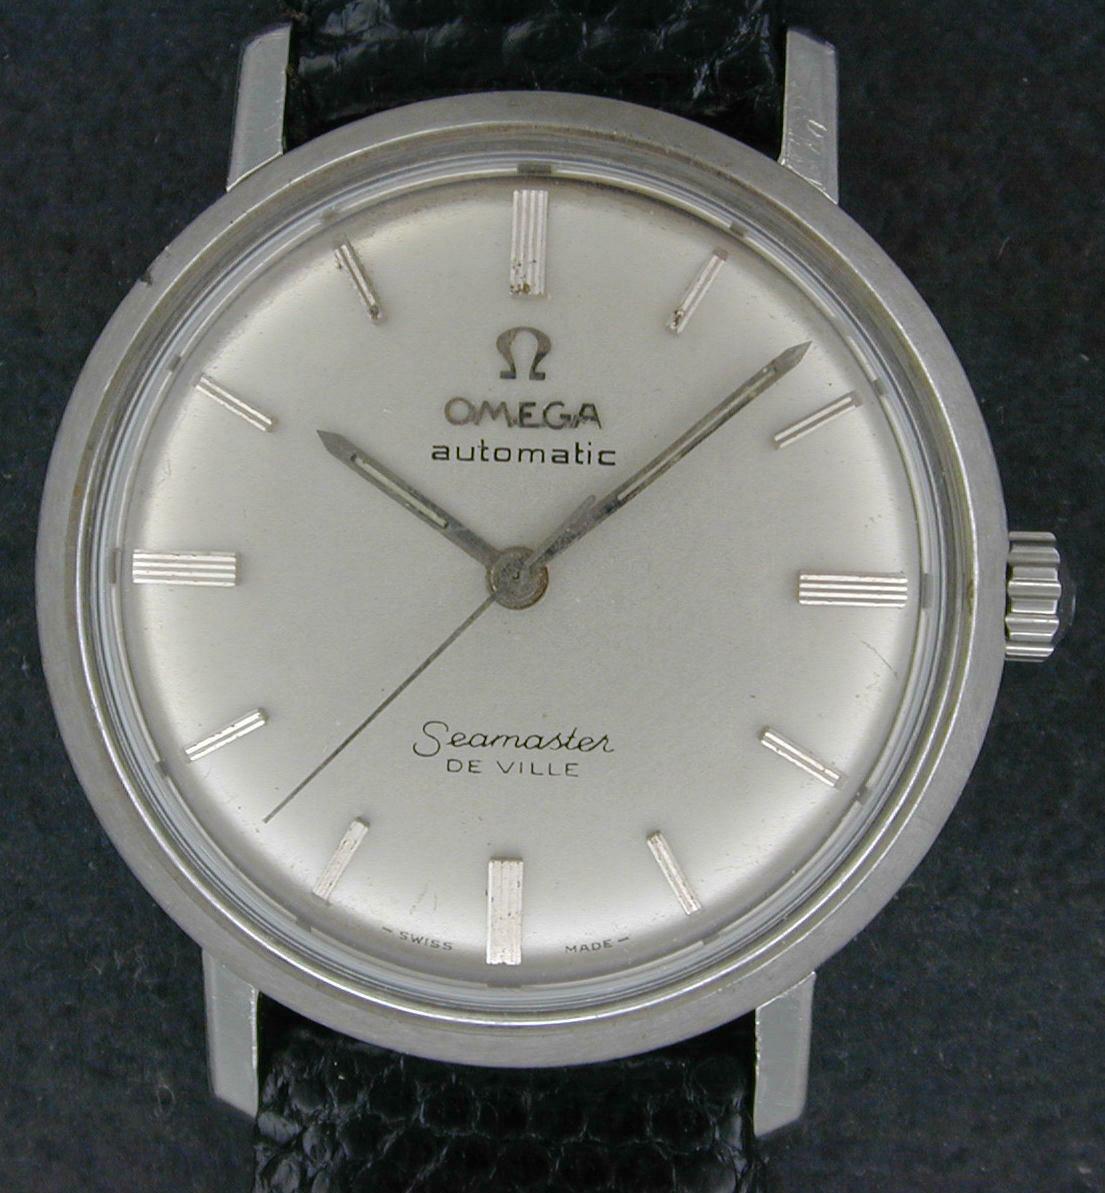 Omega Seamaster Deville #201111